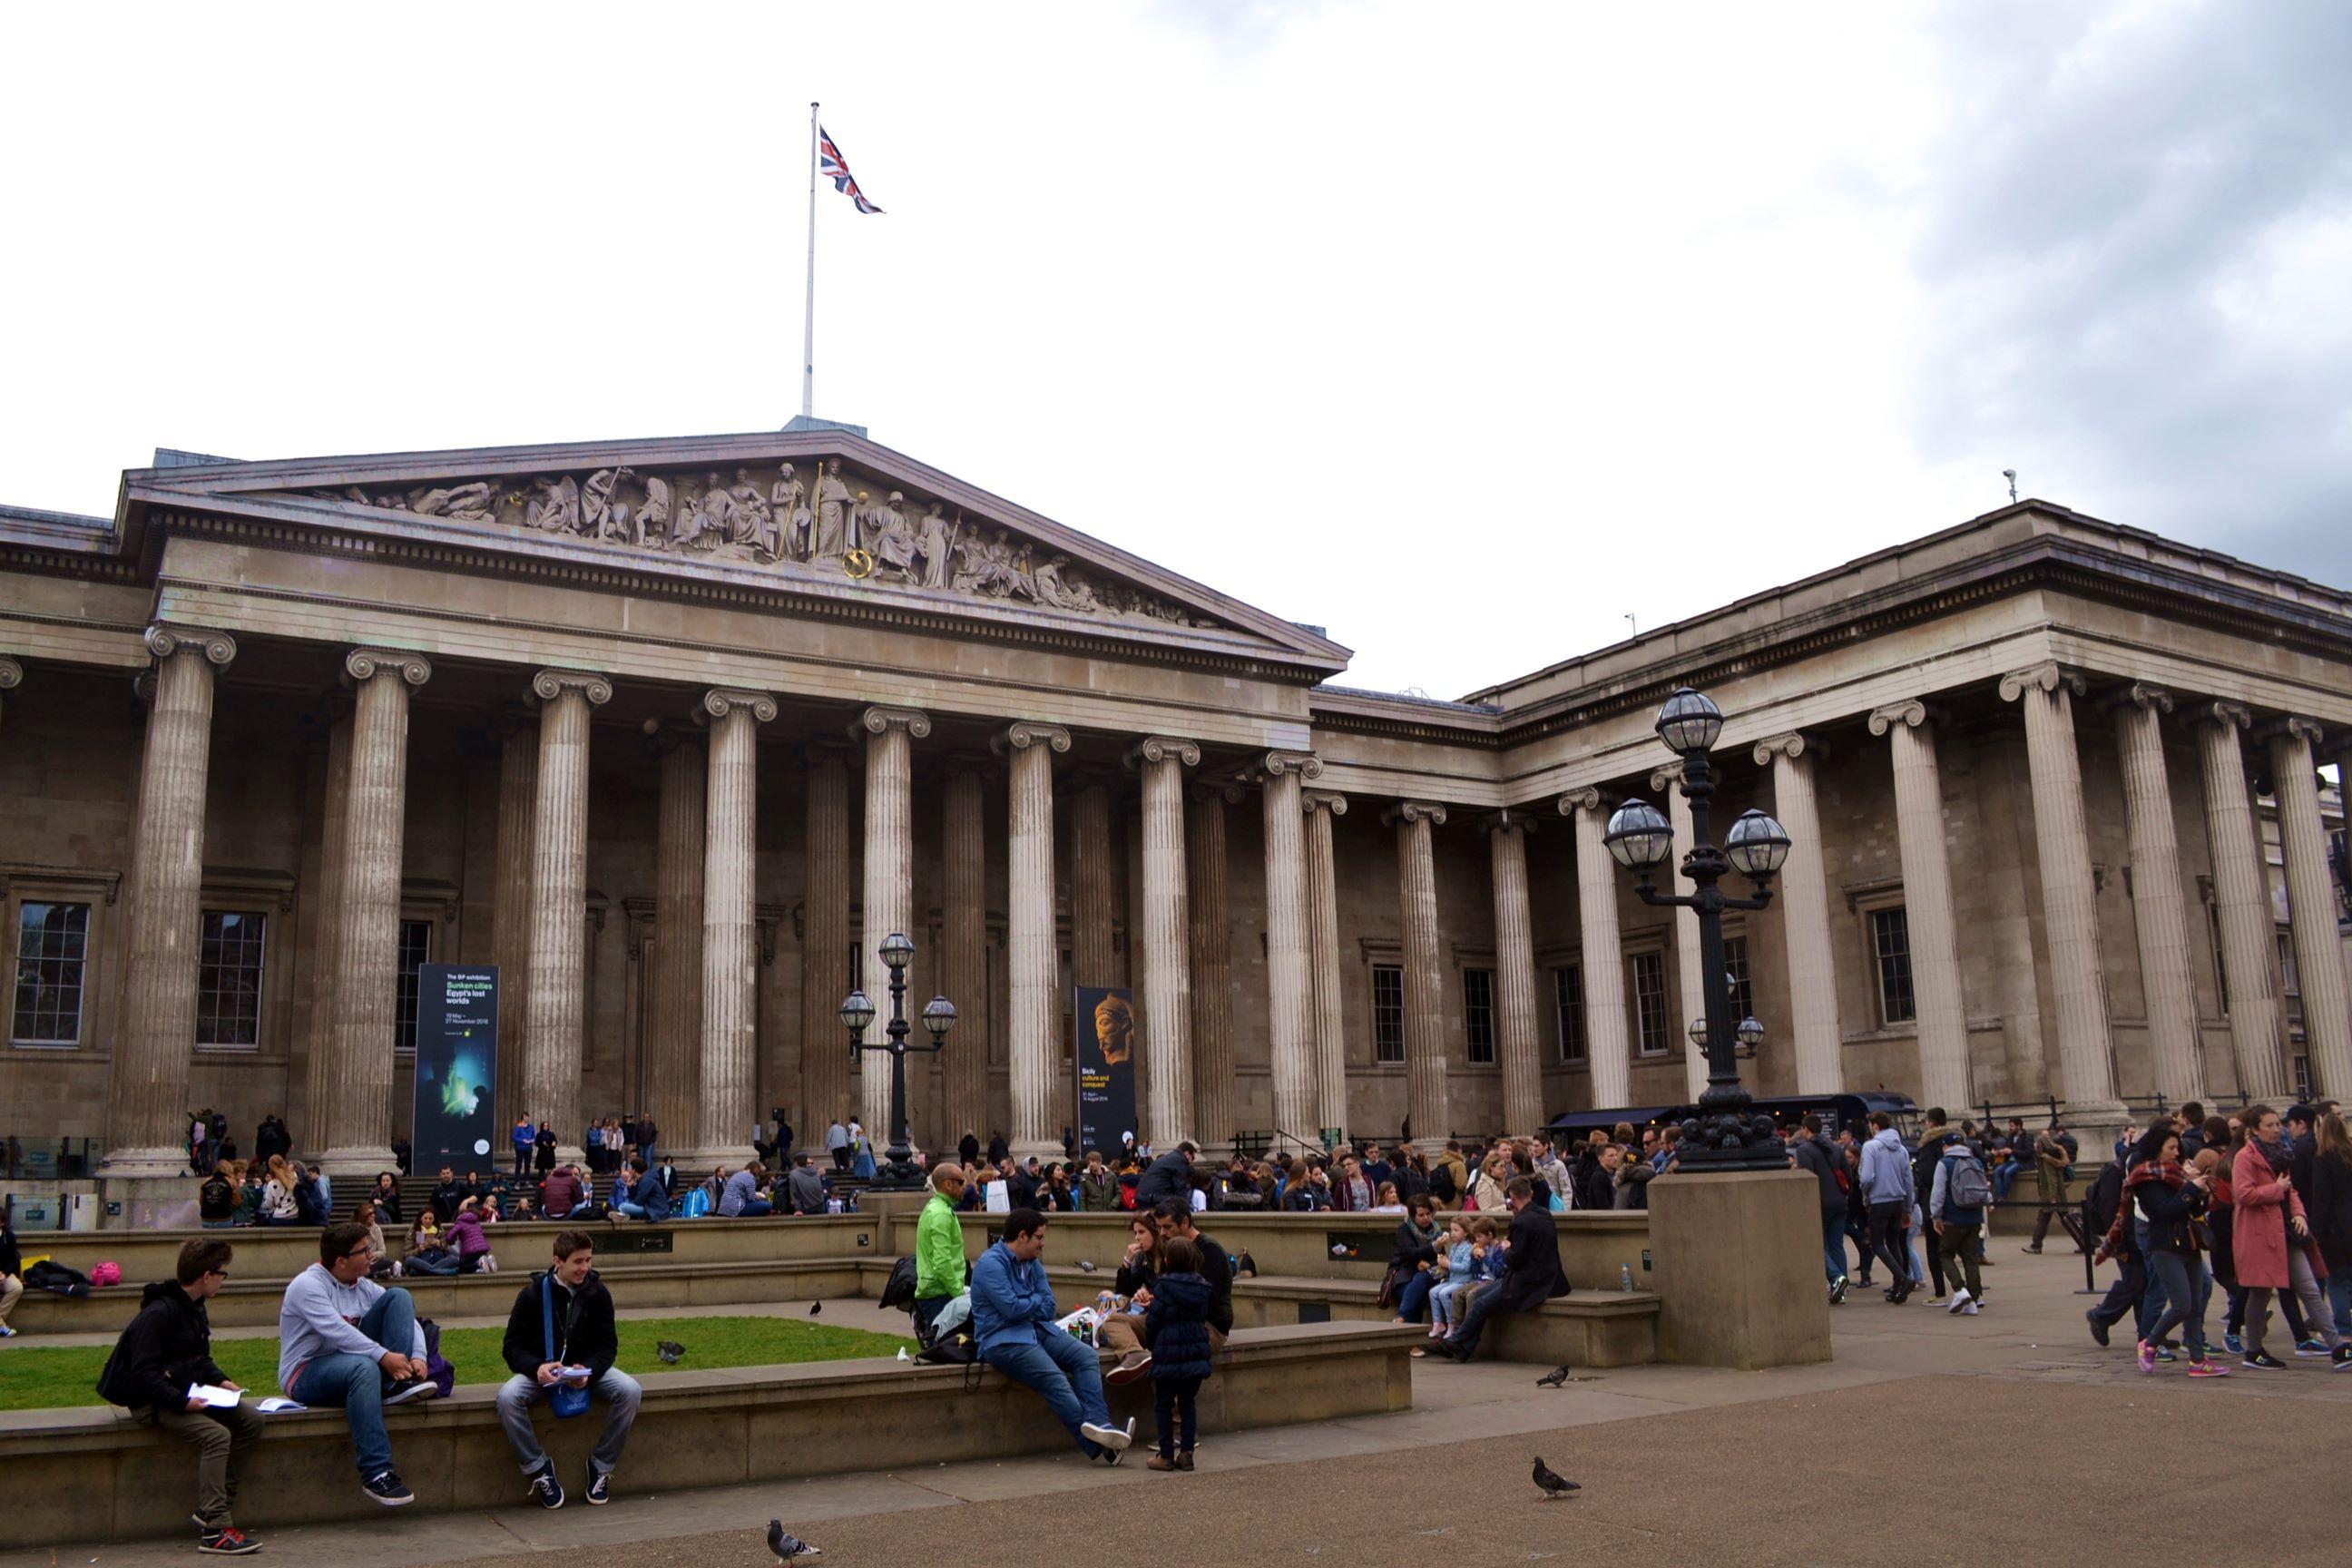 londres_inglaterra_britishmuseum